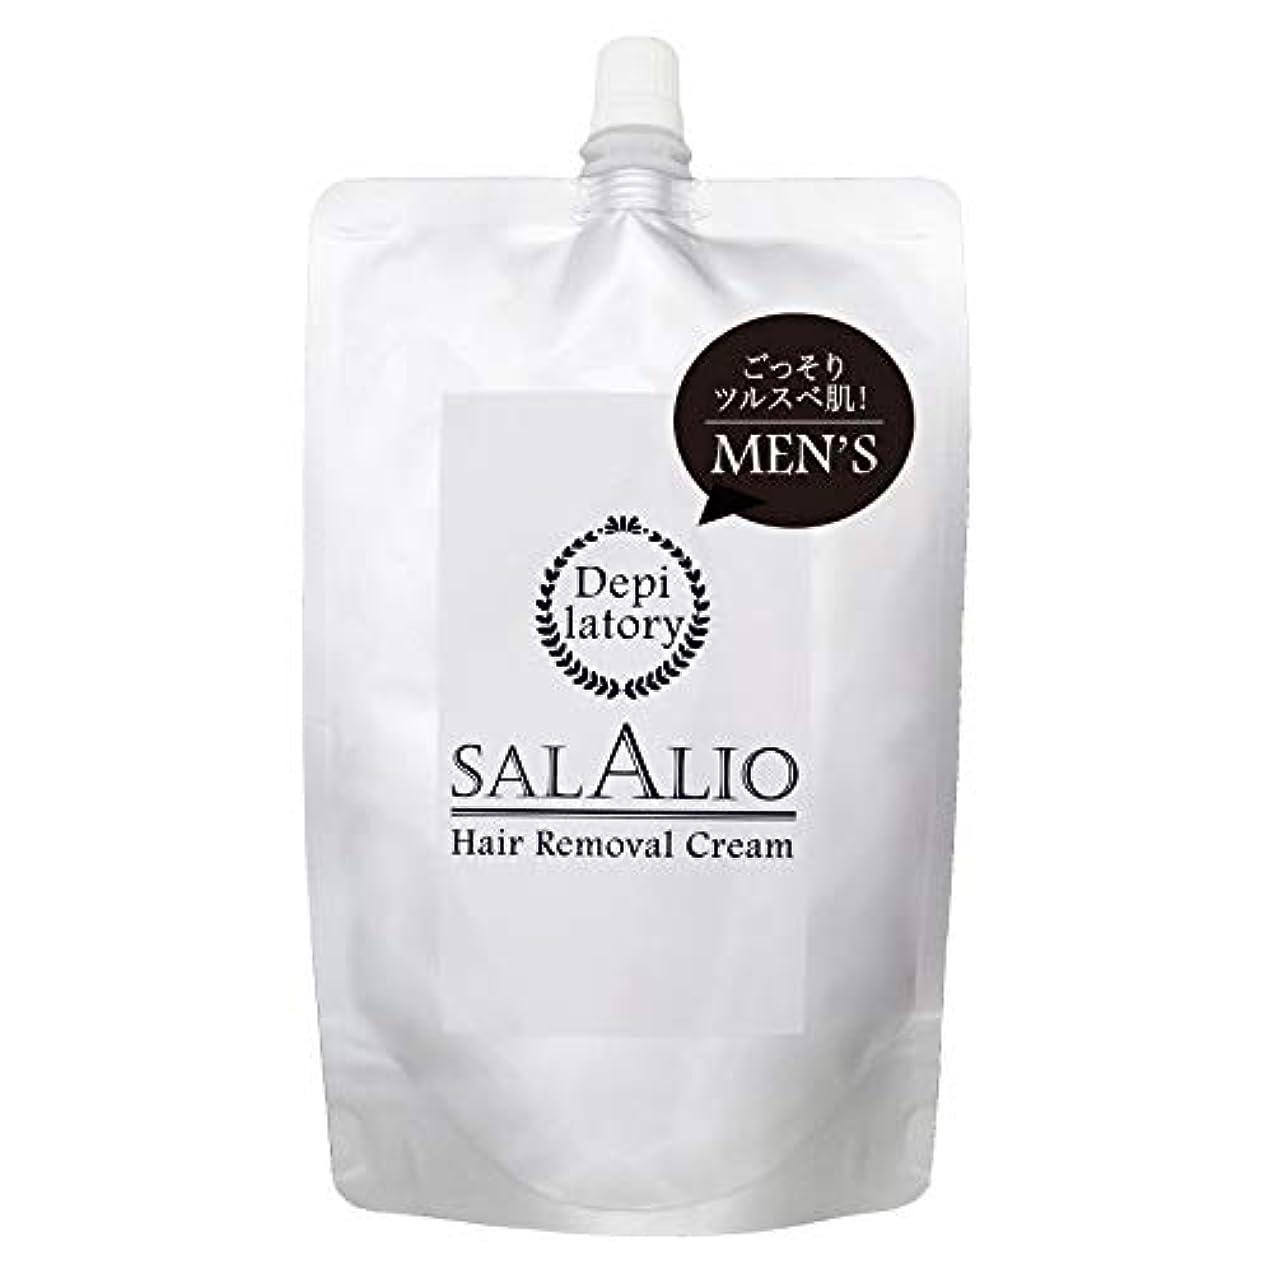 指紋床を掃除するダイエット医薬部外品 SALALIO サラリオ メンズ 除毛 脱毛 リムーバークリーム 陰部 ボディ用